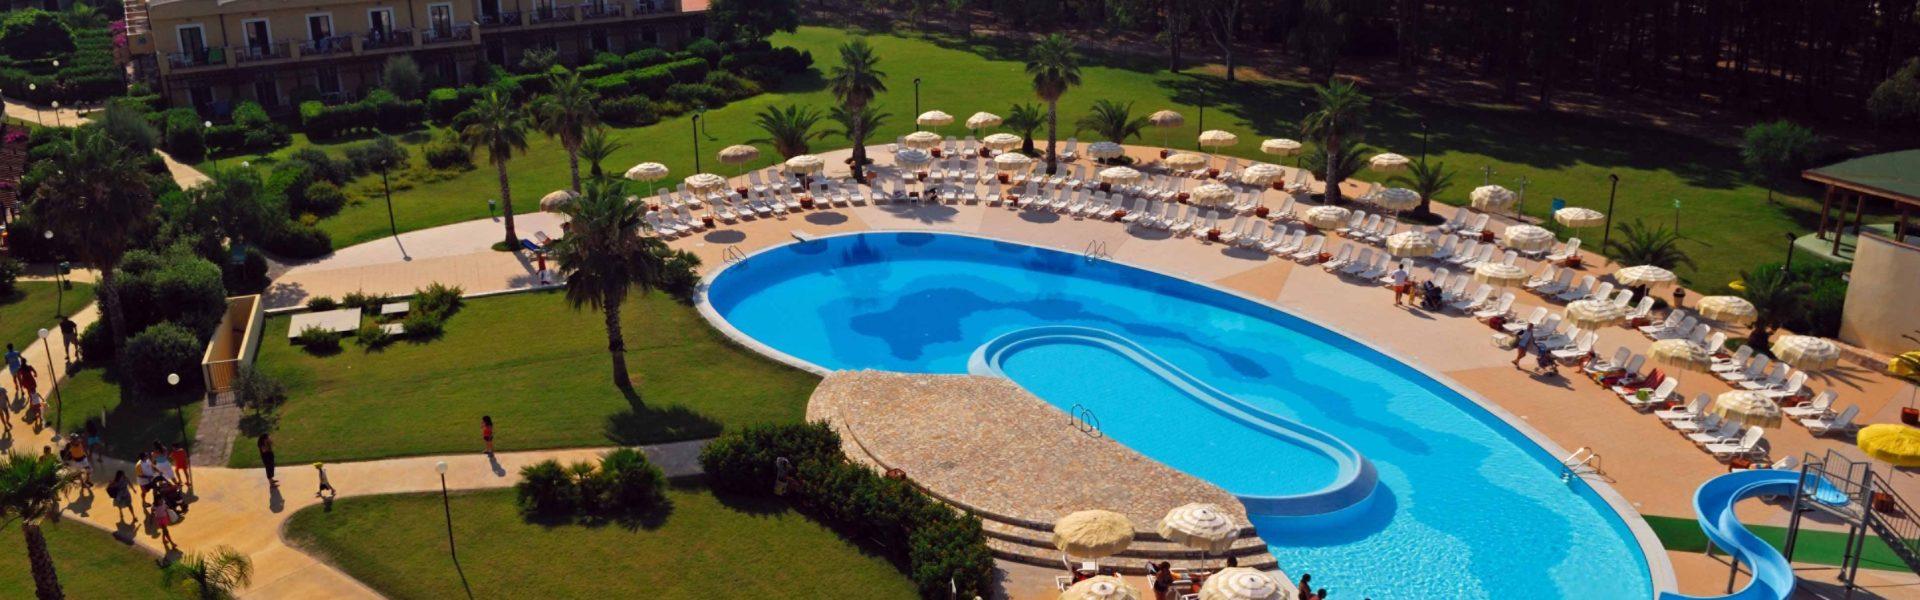 Calabria – Villaggio Accessibile su una magnifica spiaggia del mar Jonio